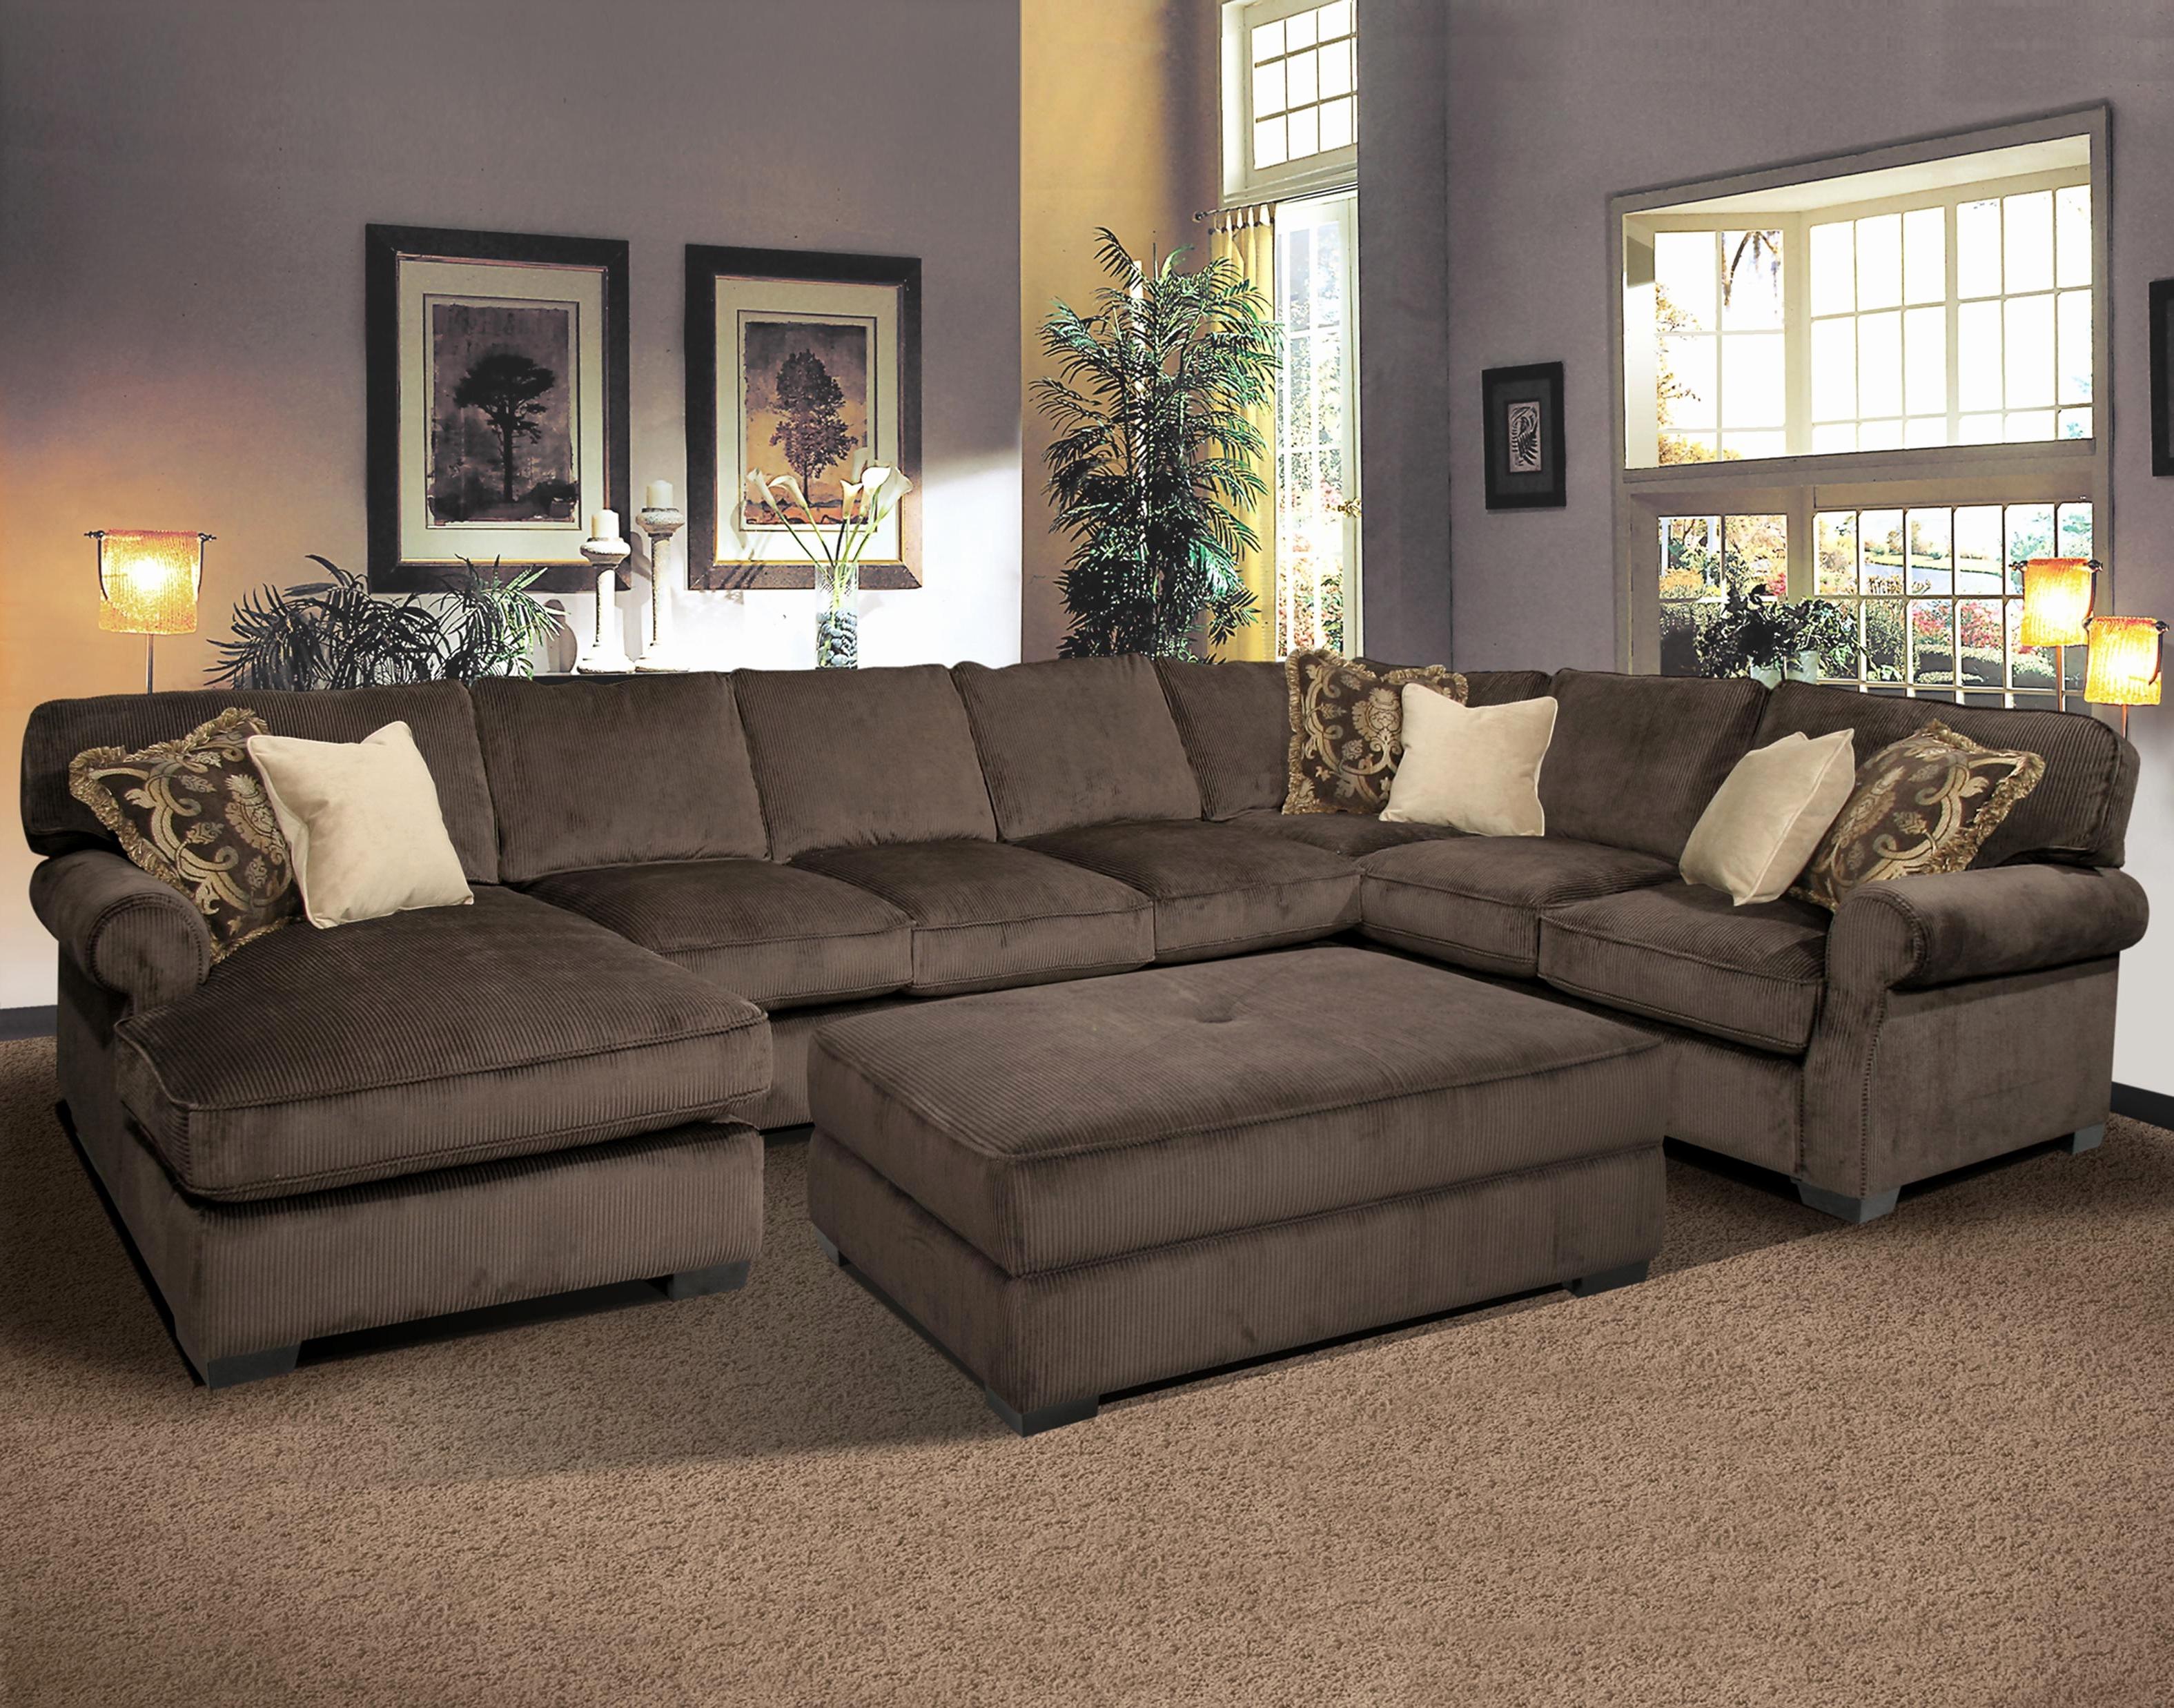 Popular Sofas : Corner Sofa 2 Seater Sofa Quality Sofa Brands High Quality With Regard To Quality Sectional Sofas (View 10 of 15)